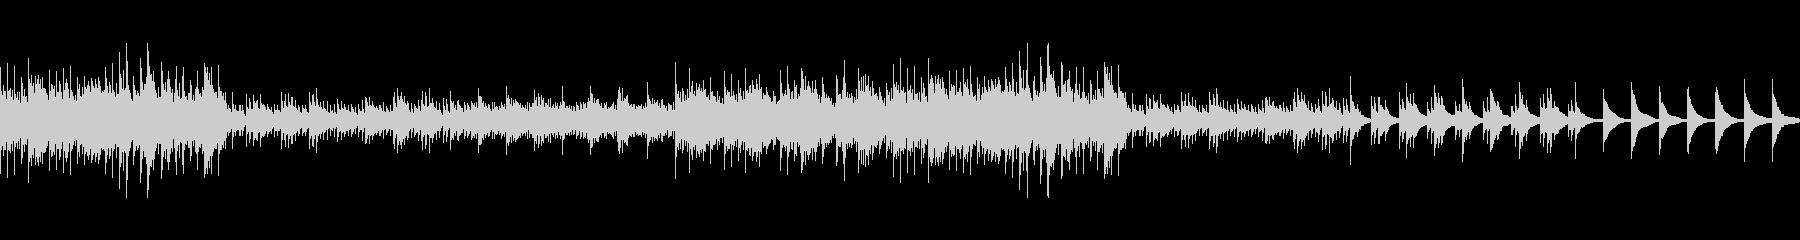 結婚式の映像用バラード (ループ仕様)の未再生の波形